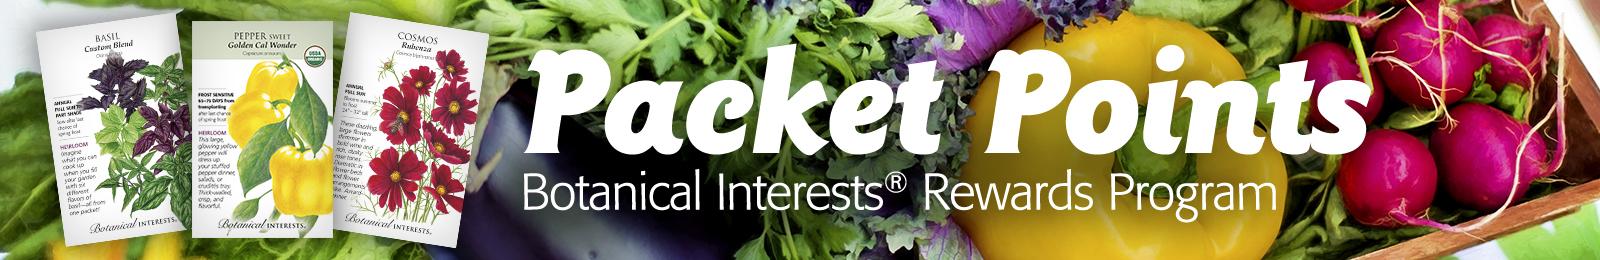 Packet Points - Botanical Interests Rewards Program